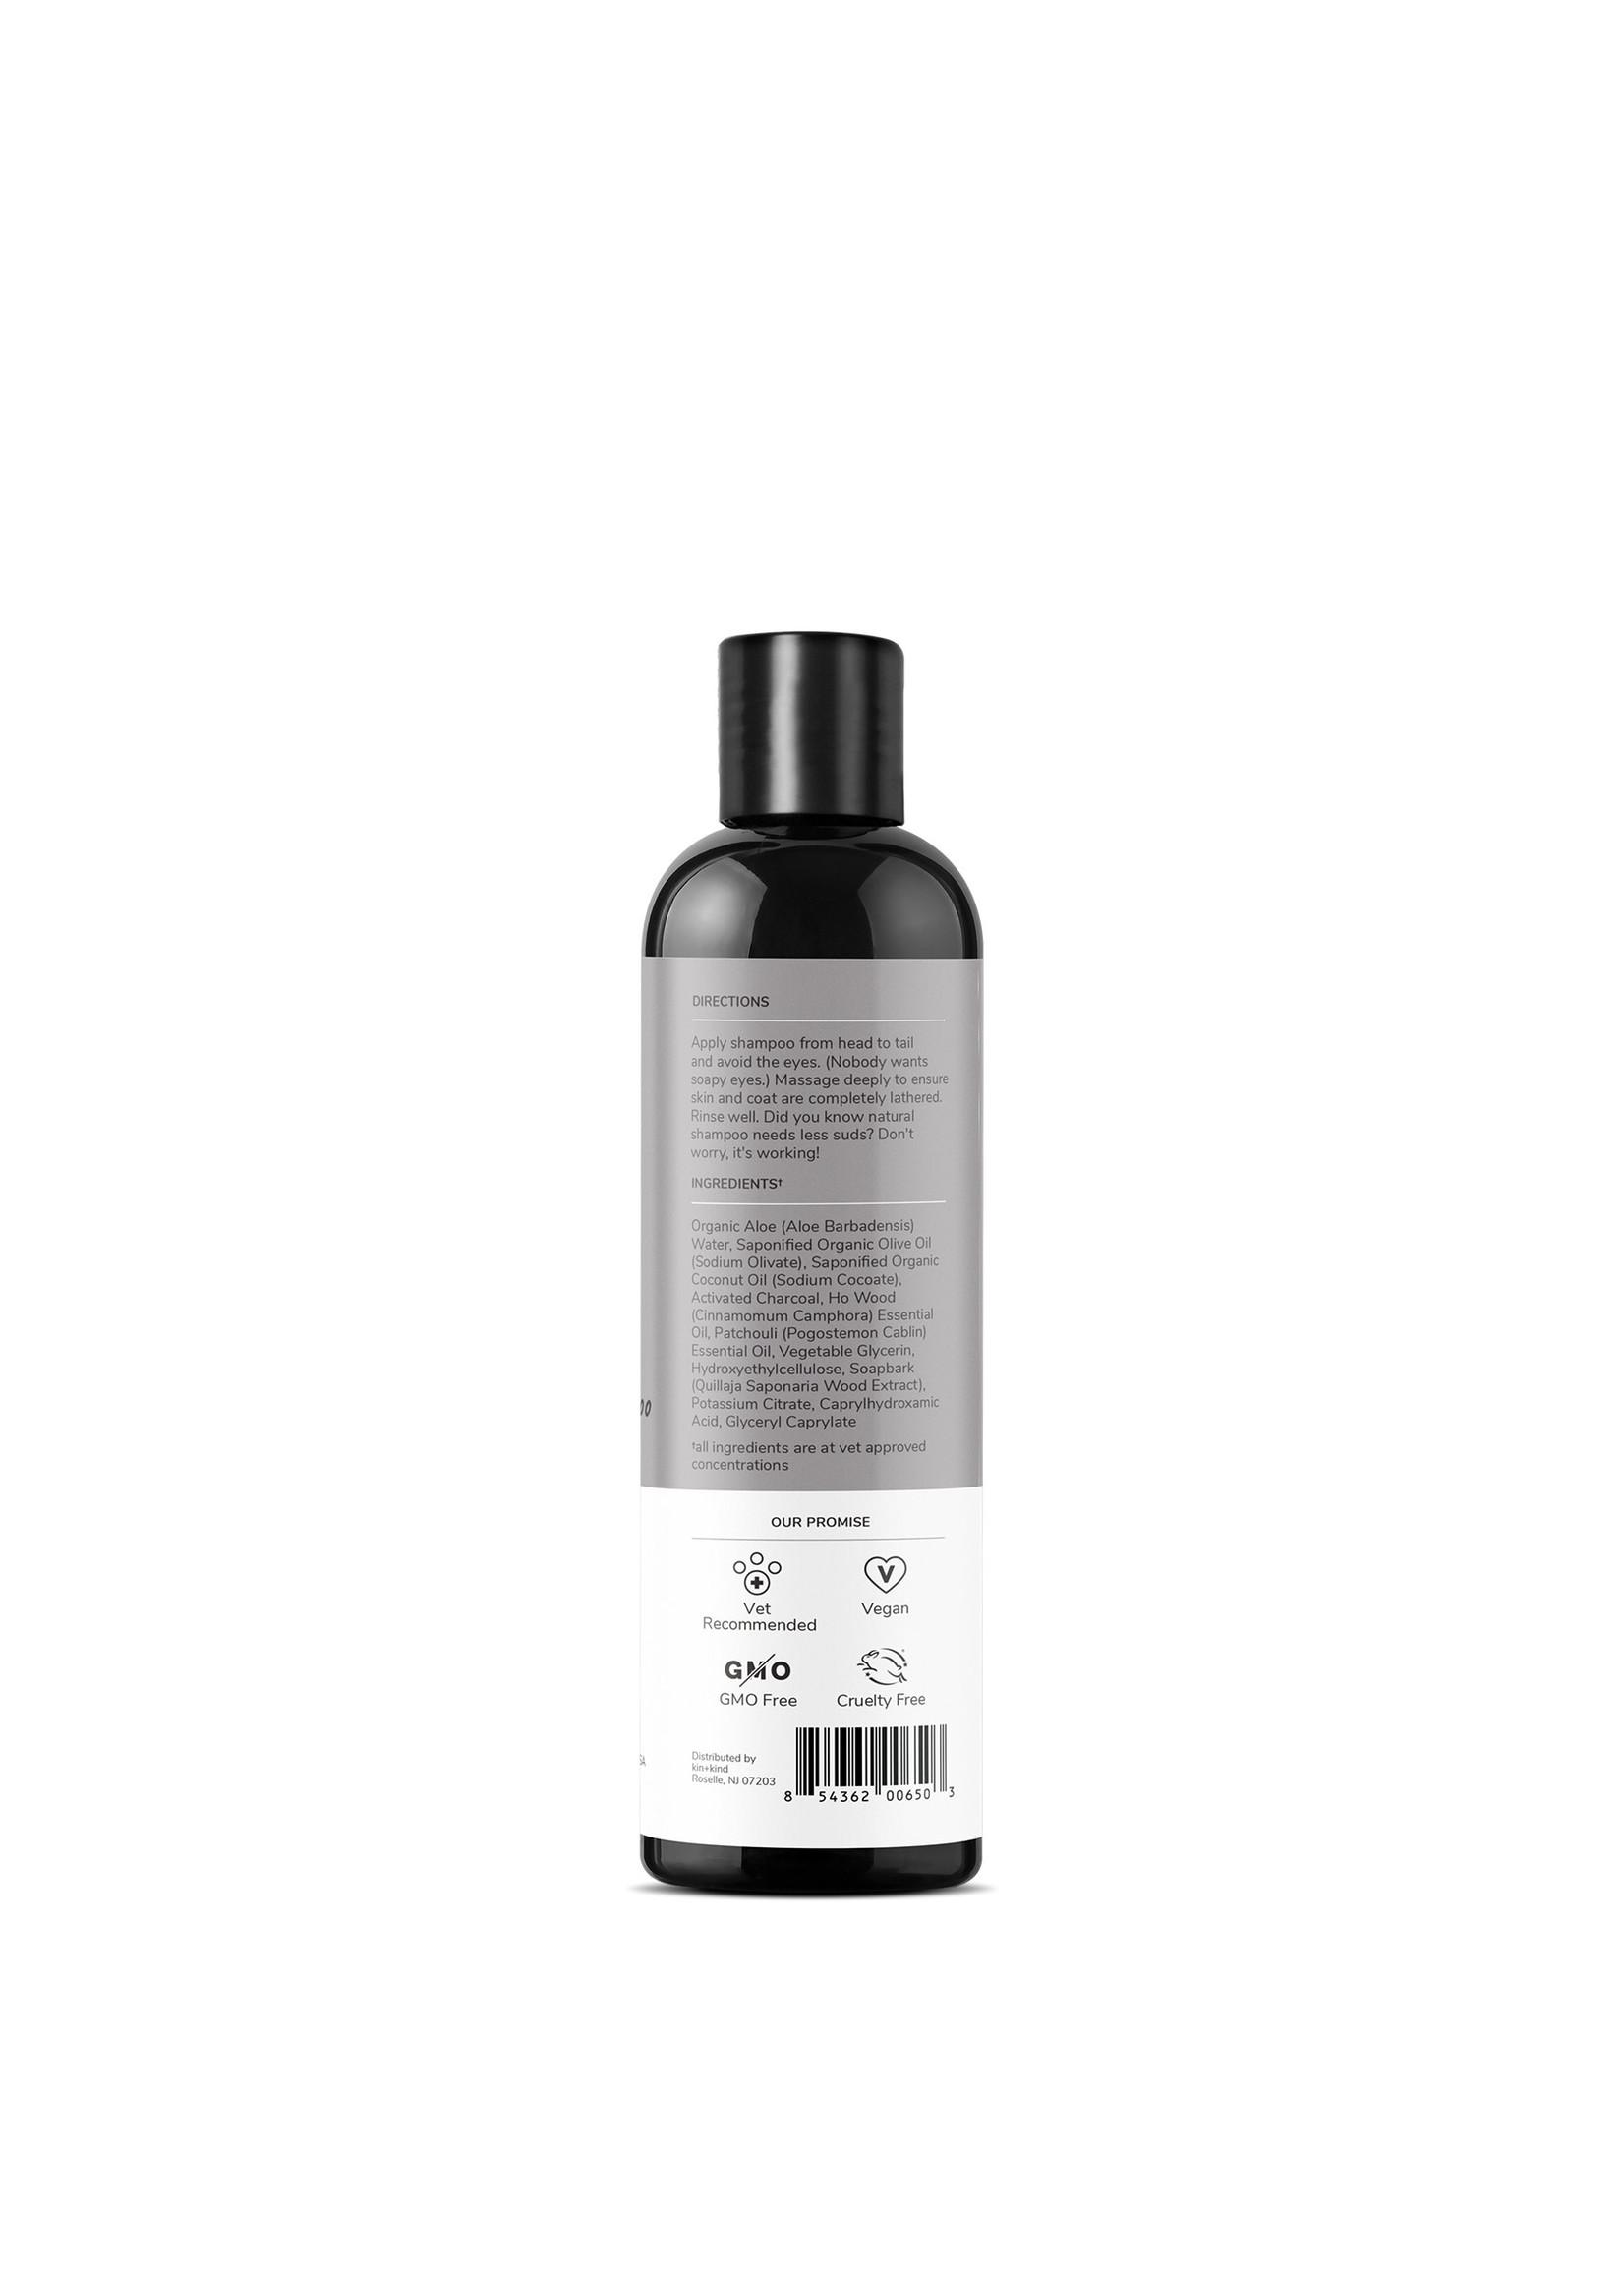 Kin + Kind Kin & Kind Charcoal Shampoo - Patchouli 12 oz